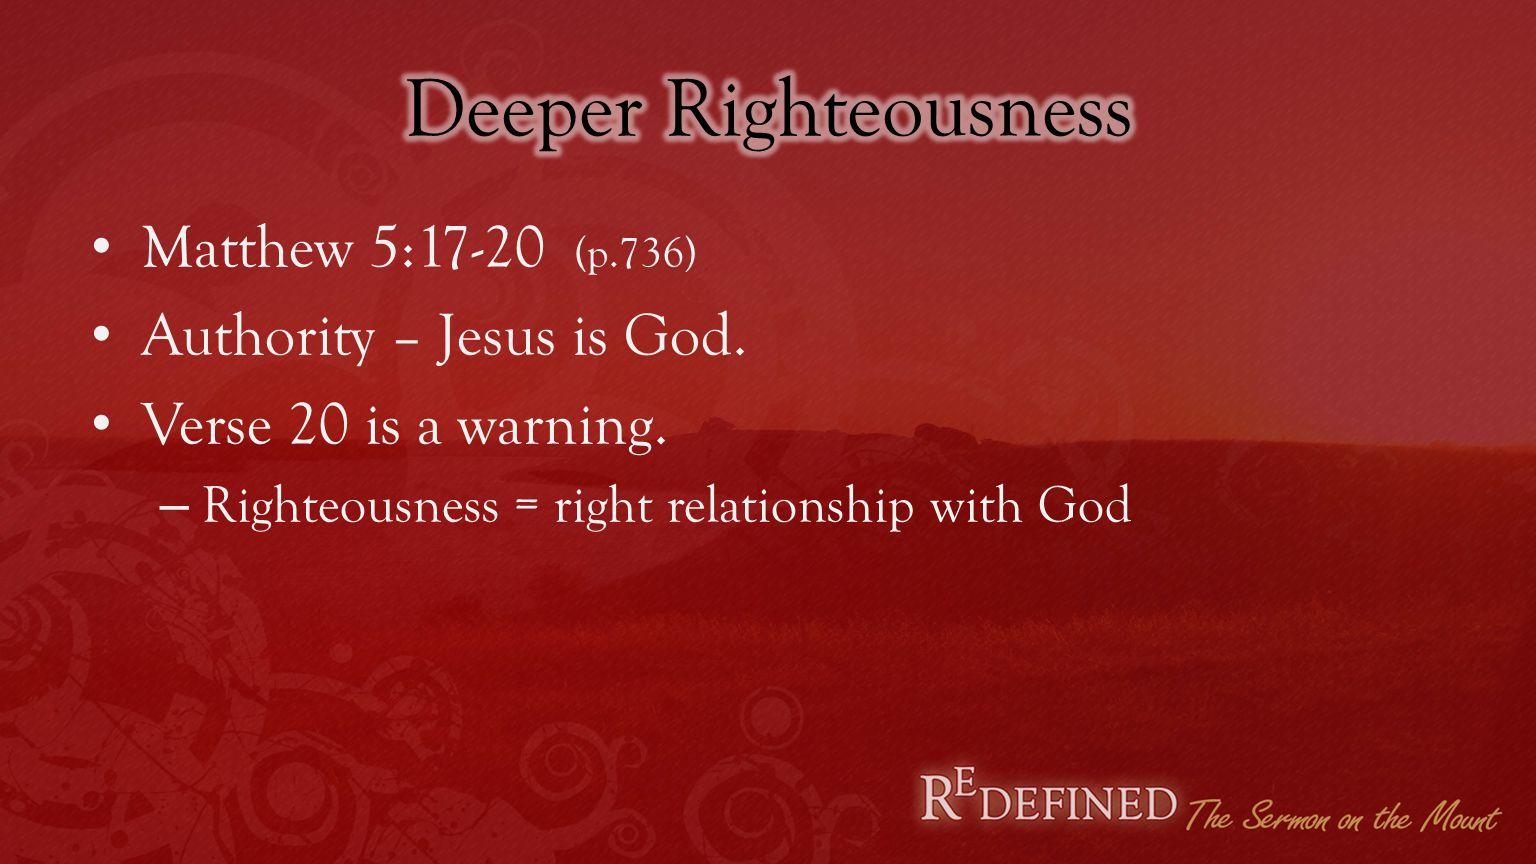 Murder/Anger – 5:21-26 Adultery/Lust – 5:27-31 Divorce – 5:31-32 Oaths – 5:33-37 Revenge – 5:38-42 Loving enemies – 5:43-48